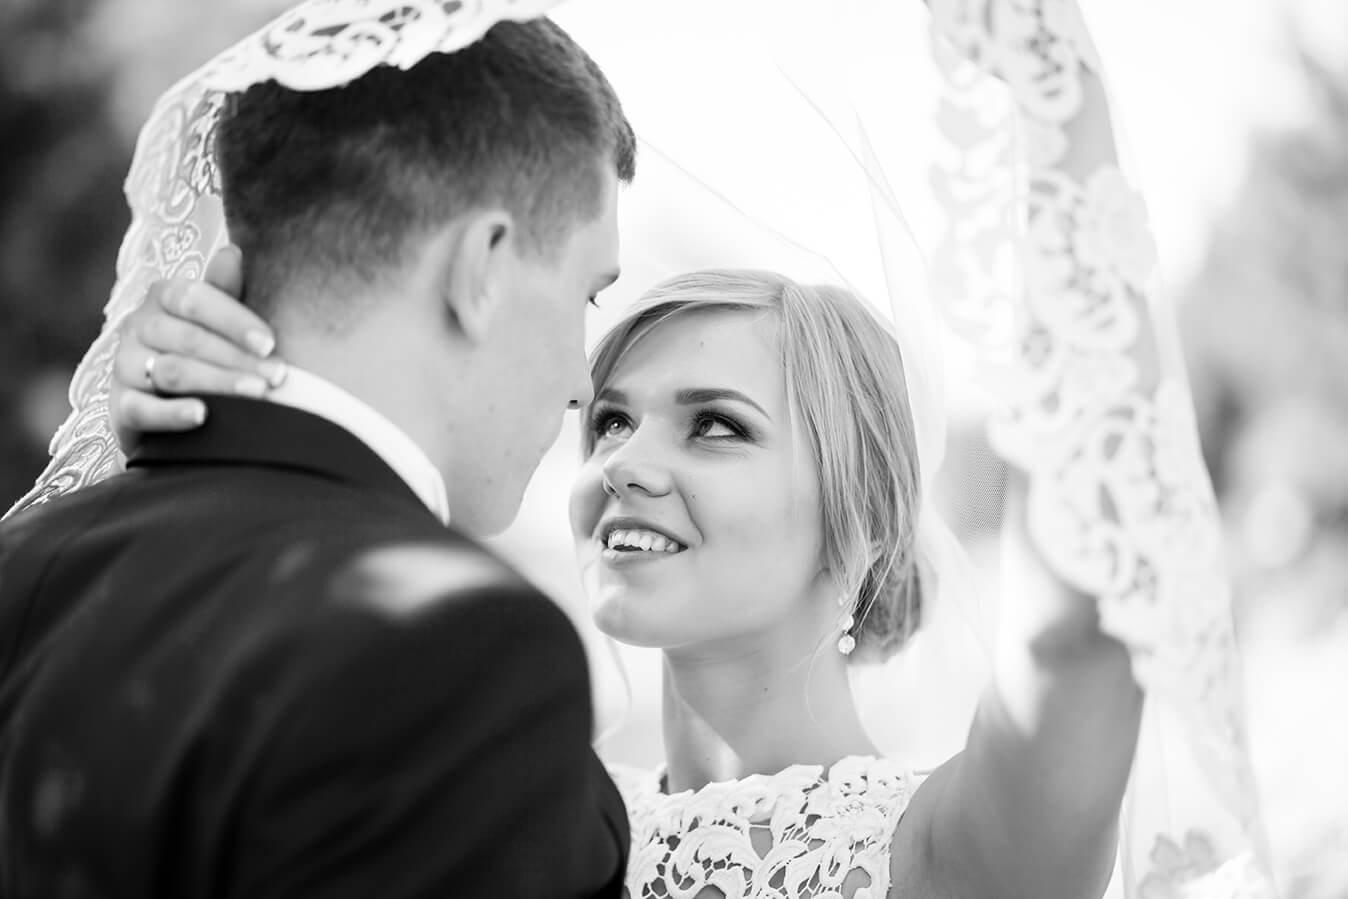 svadebnaja-fotosessija-v-mezhigore-fotograf-kiev-svadebnye-pozy-buket-16